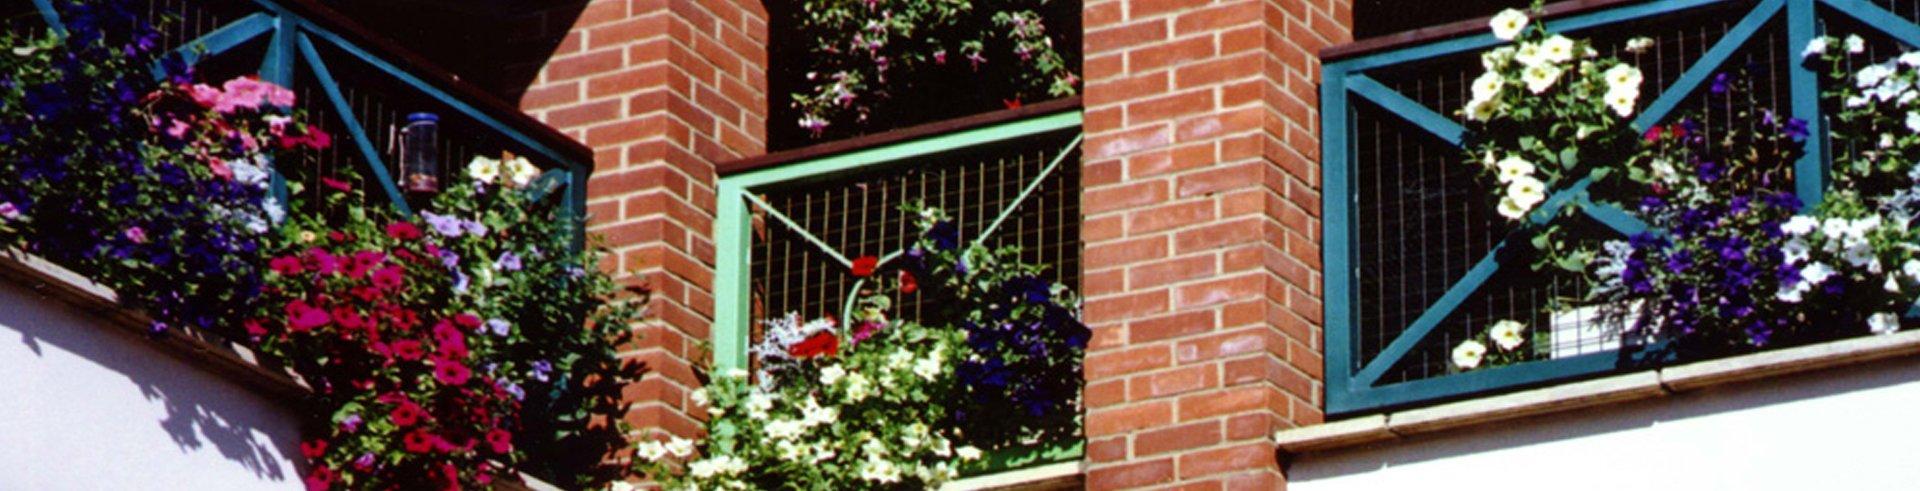 Main-3-balcony